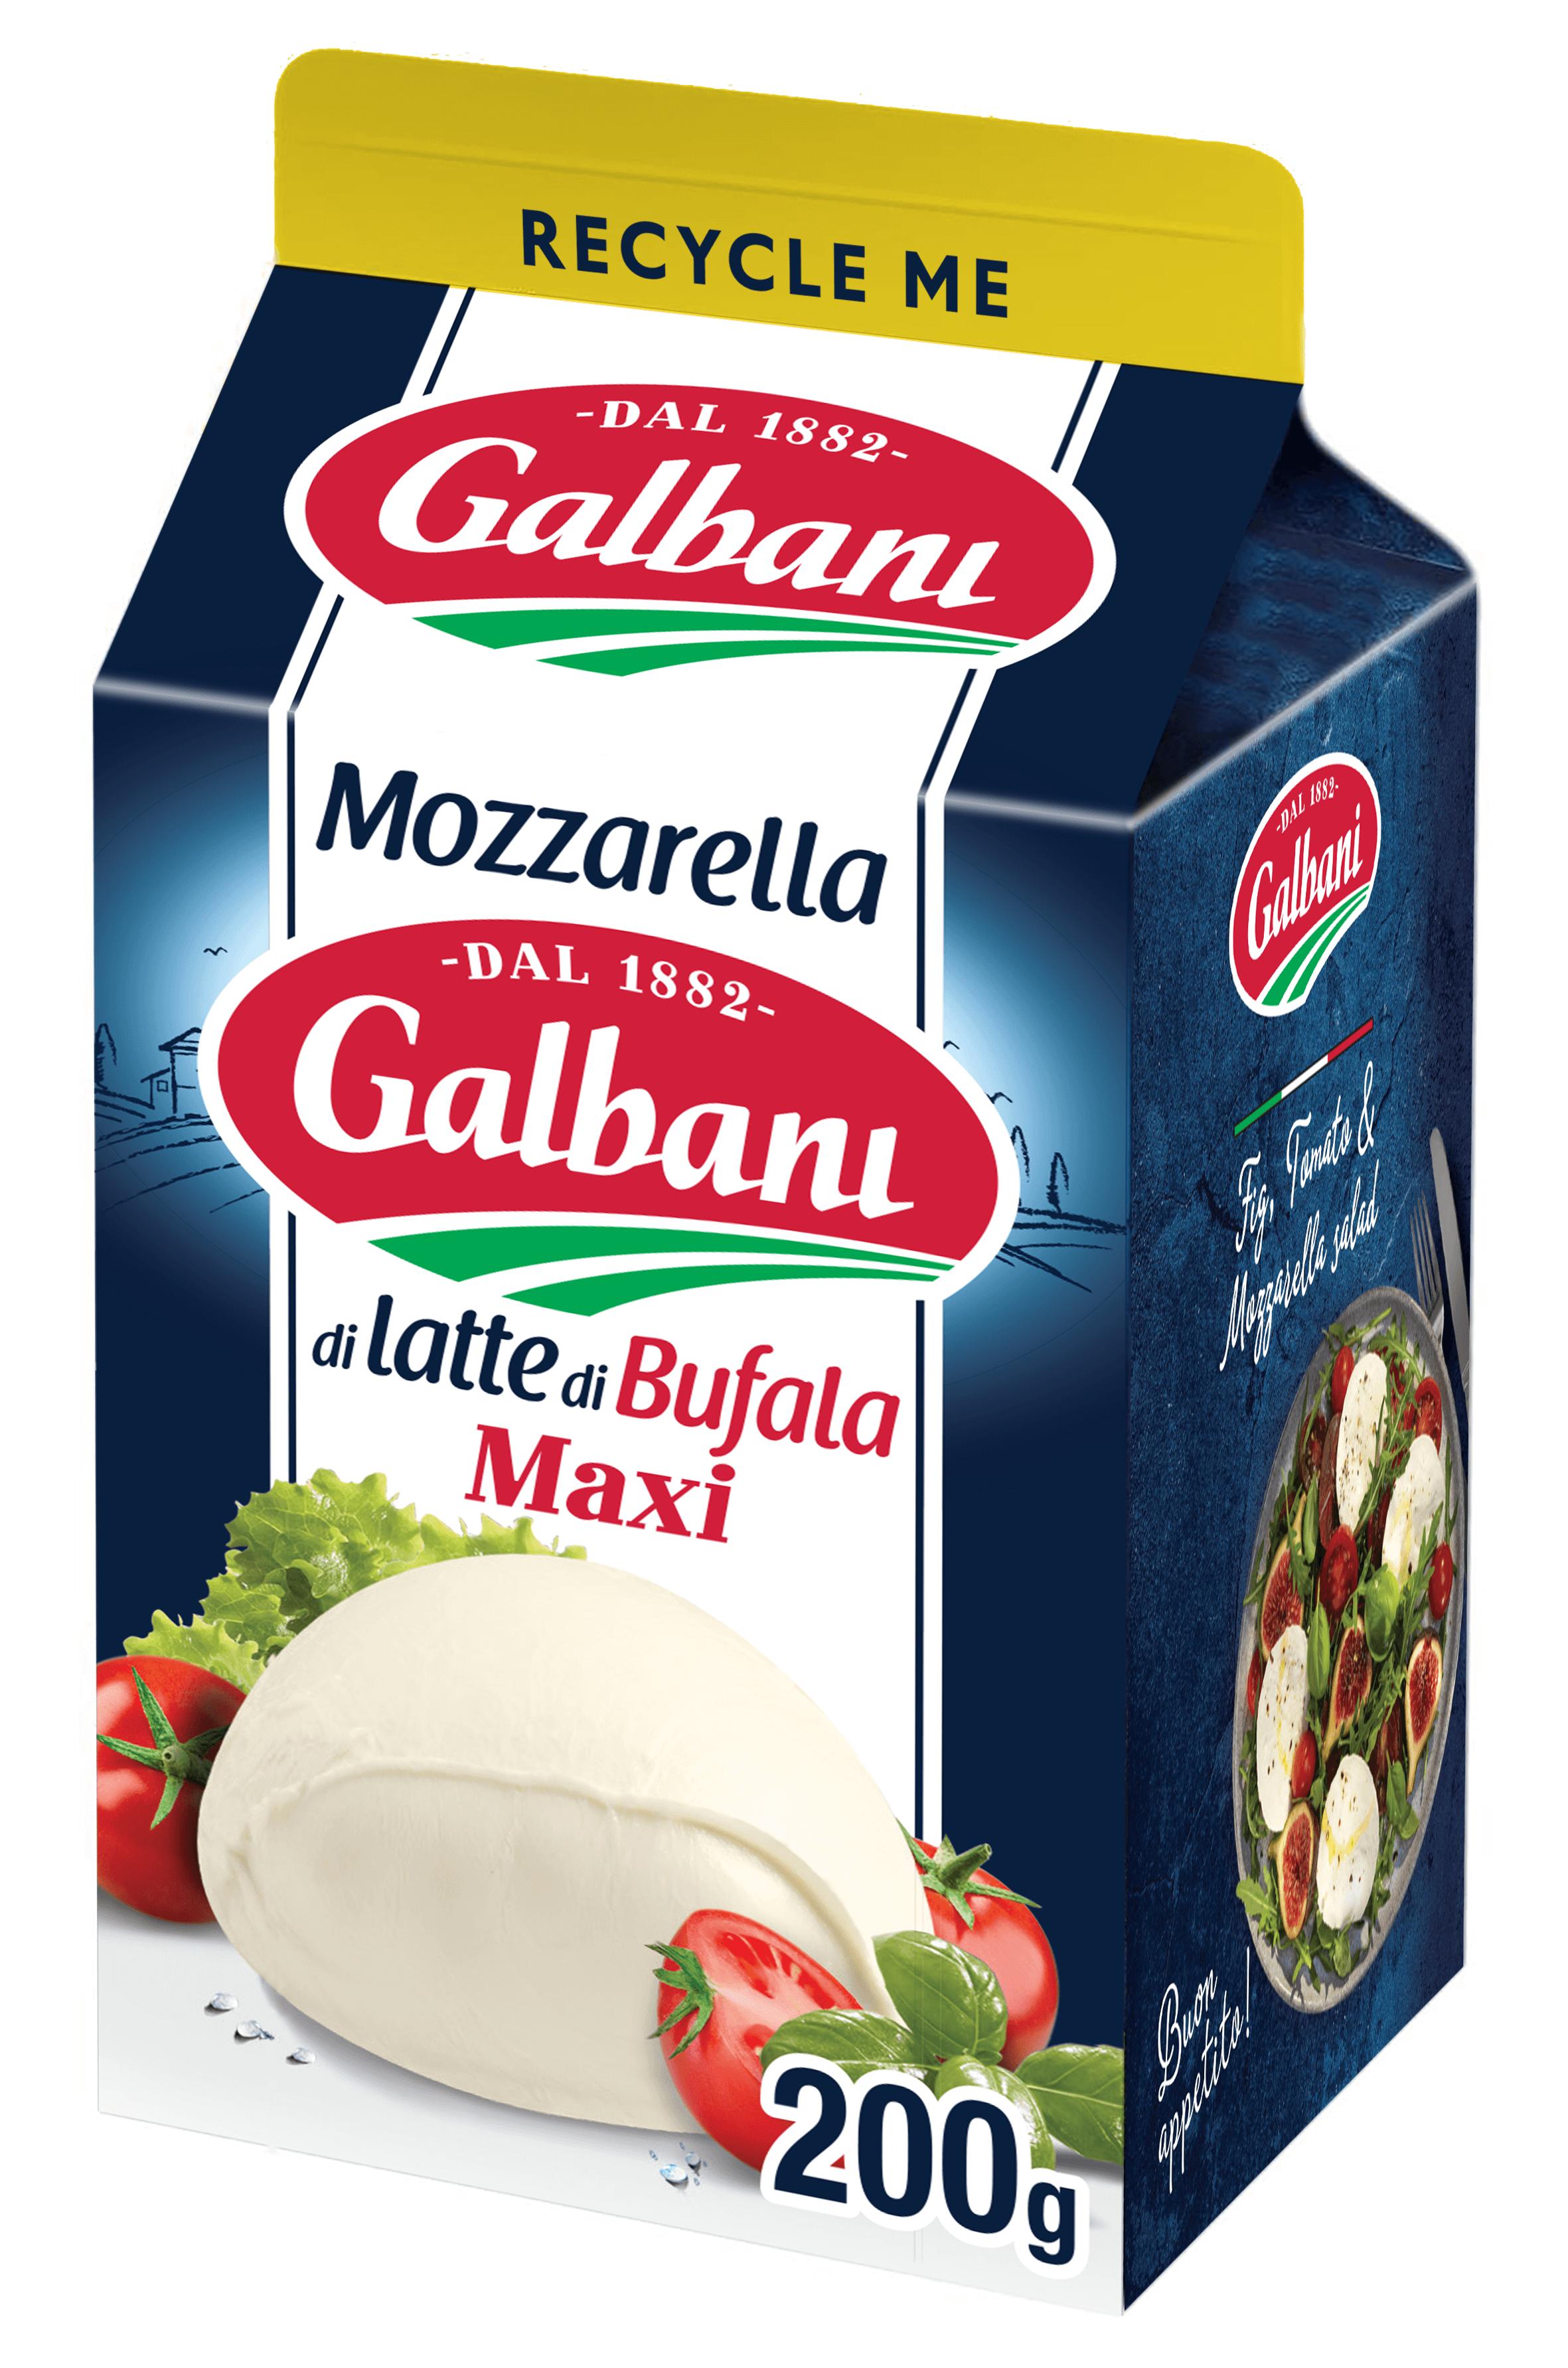 Galbani Mozzarella di Latte di Bufala Maxi 200g